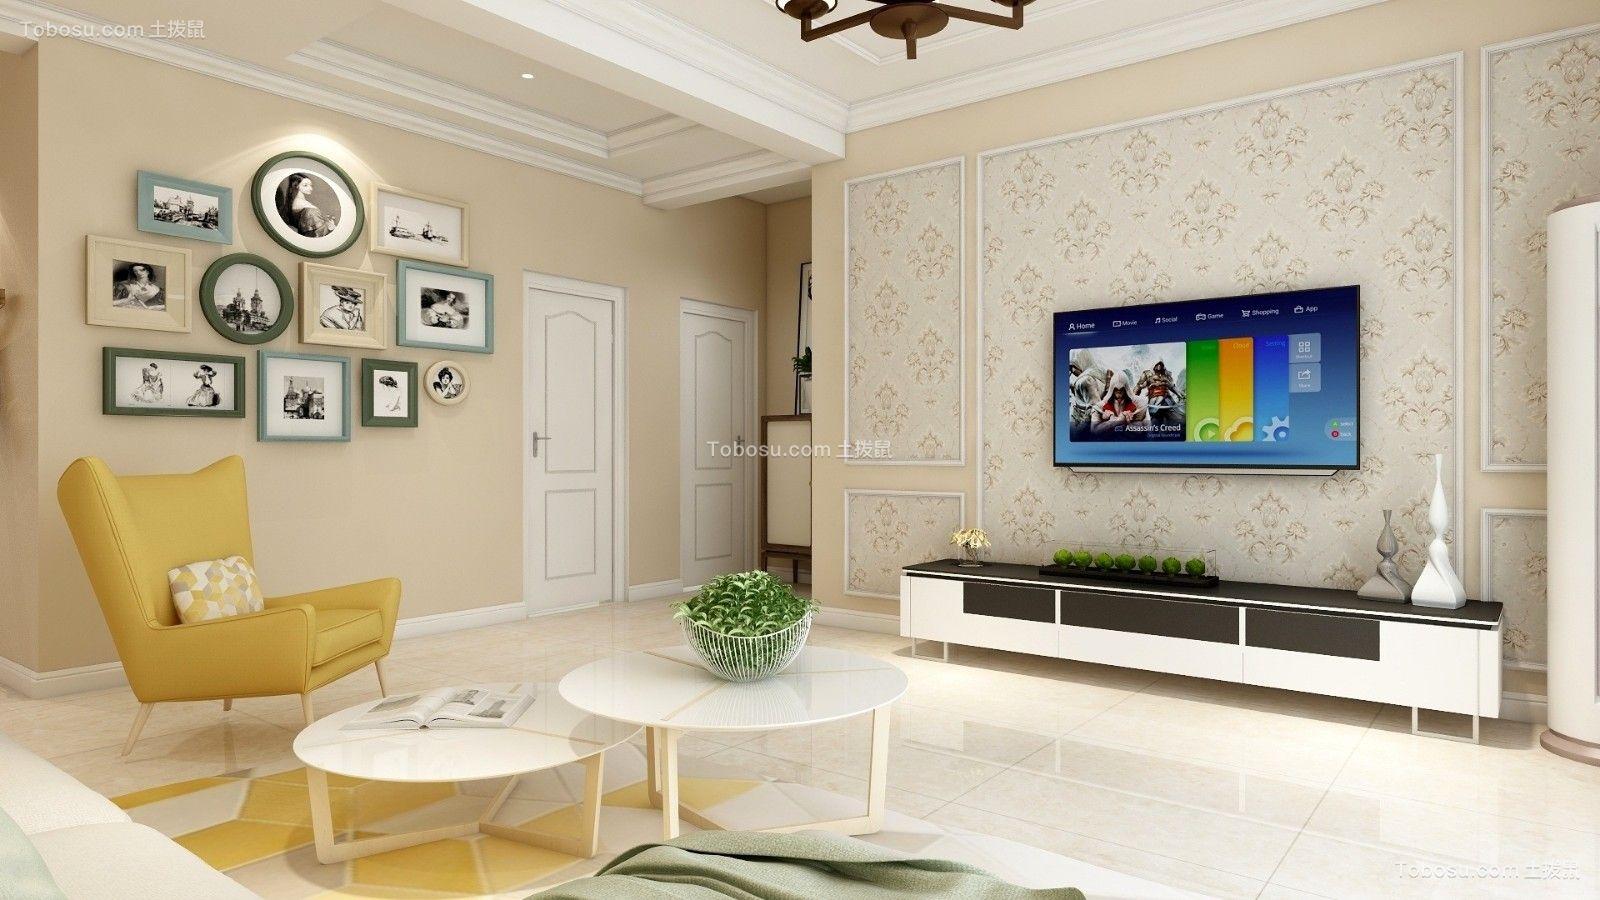 客厅黄色照片墙简约风格装饰设计图片